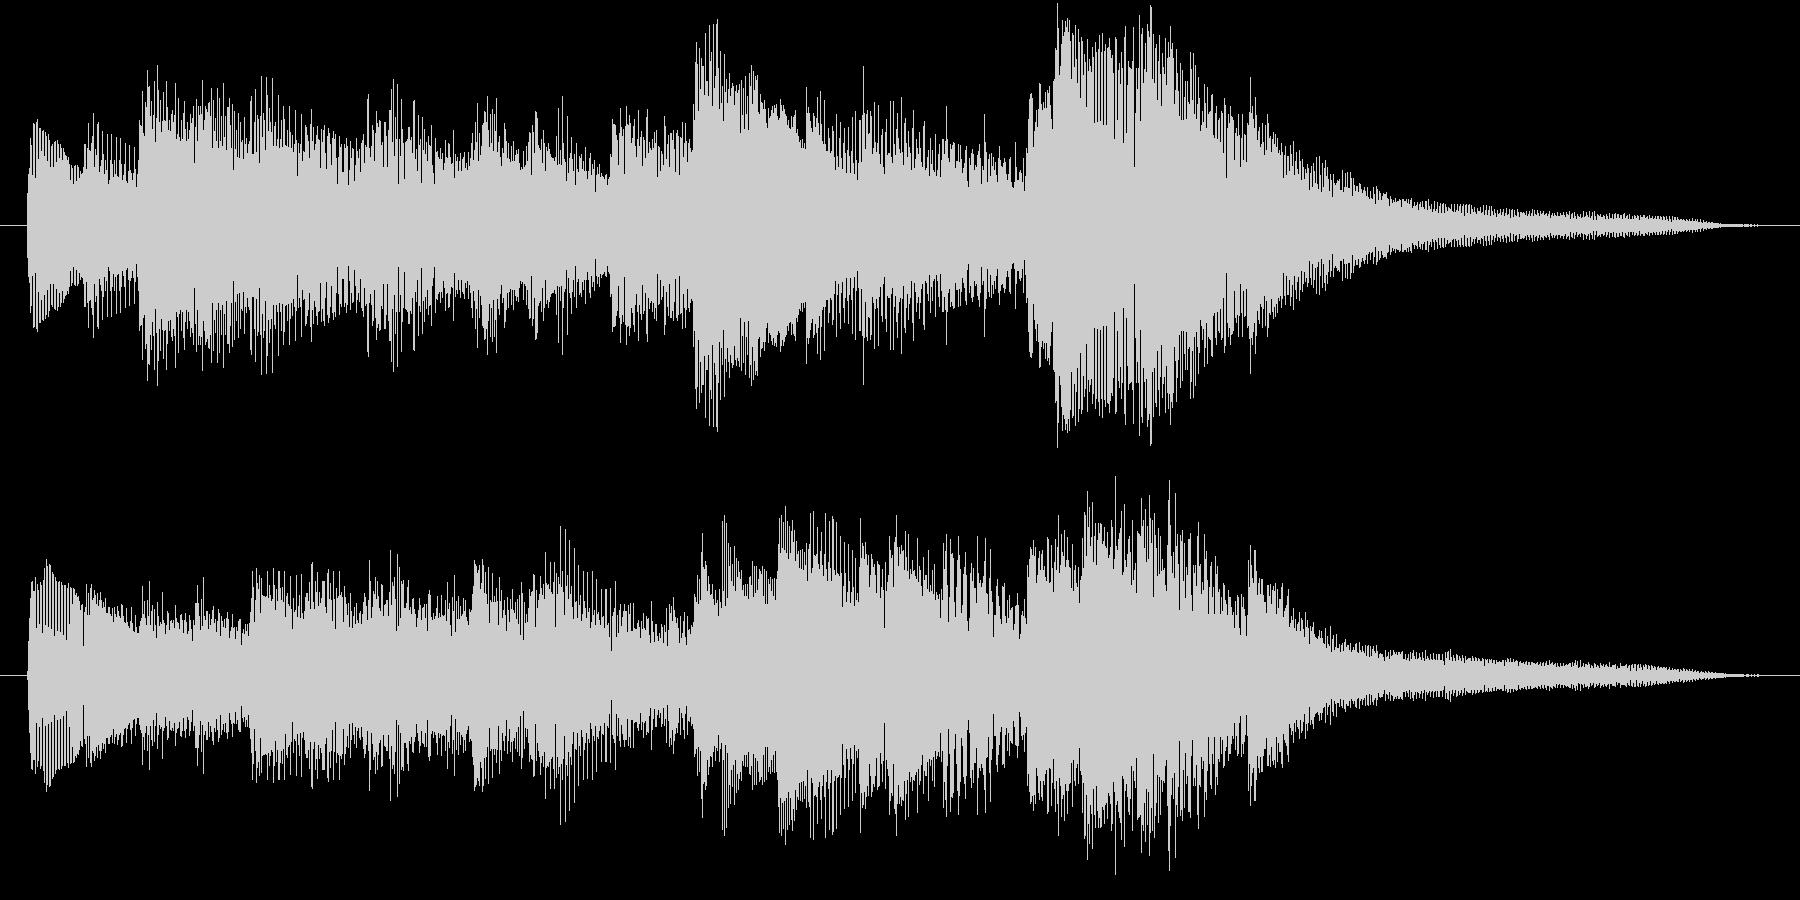 ピアノアルペジオのシンプルなジングルの未再生の波形